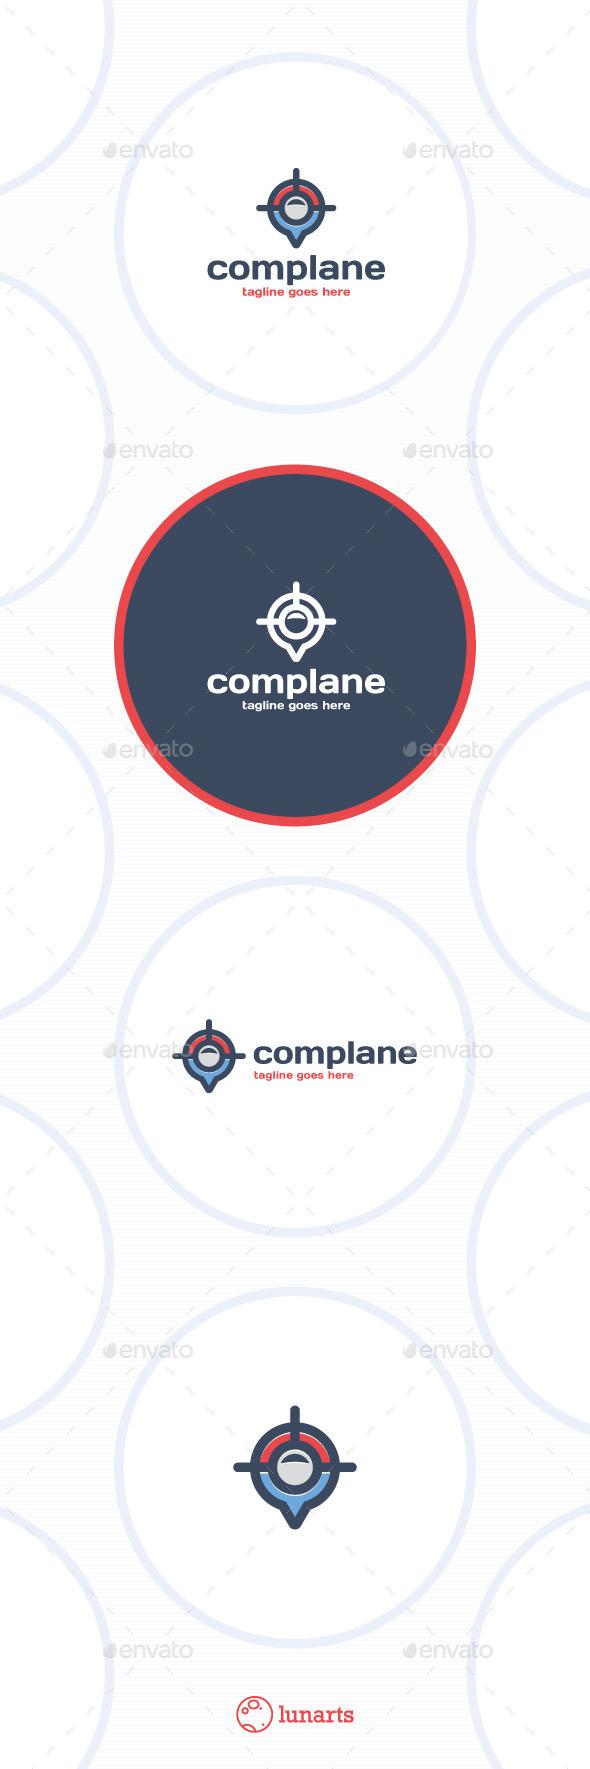 Compass Plane Logo - Navigate - Symbols Logo Templates